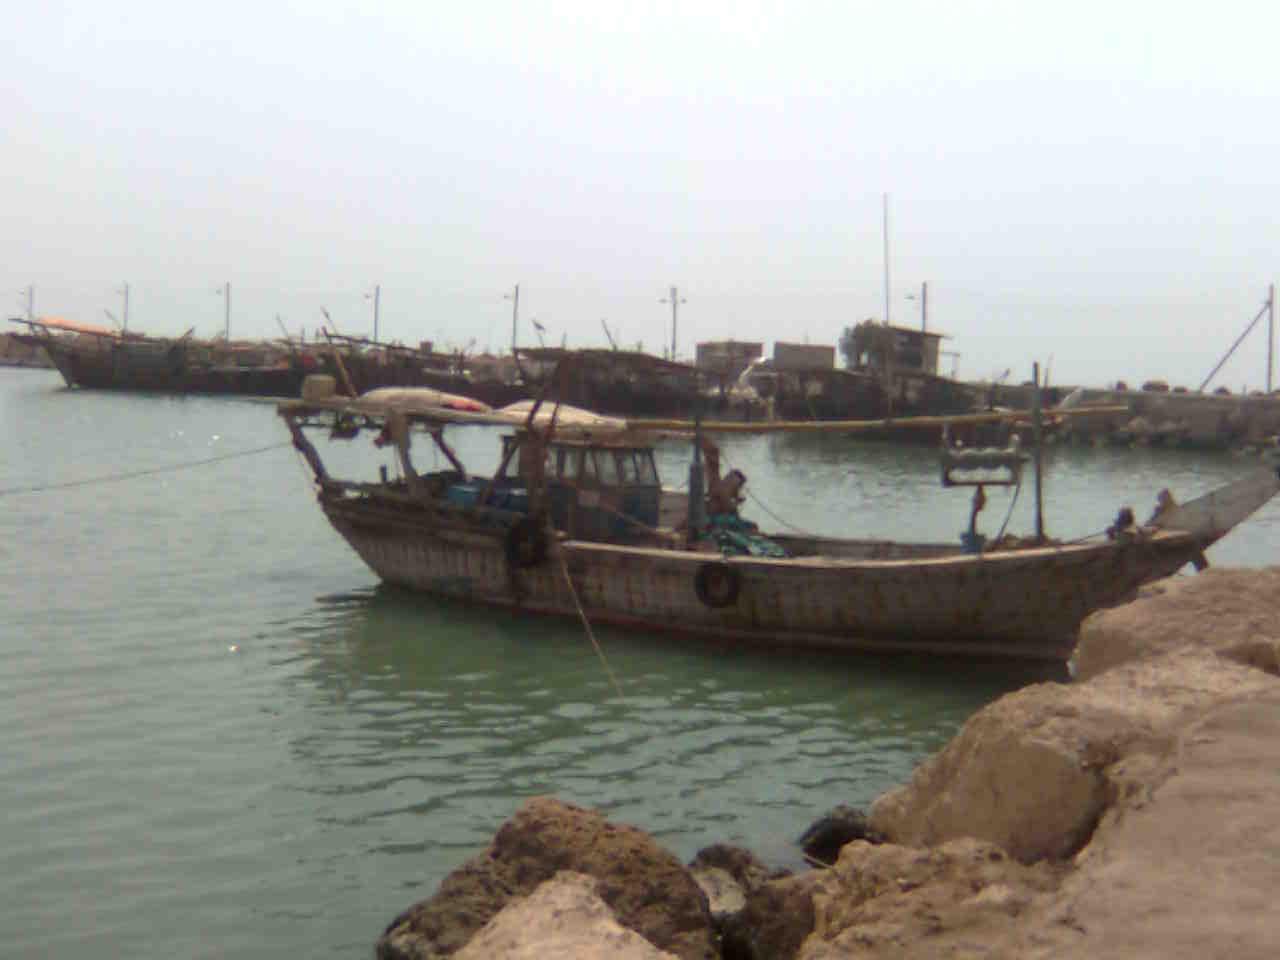 http://idoido.persiangig.com/3300/Image0152.jpg